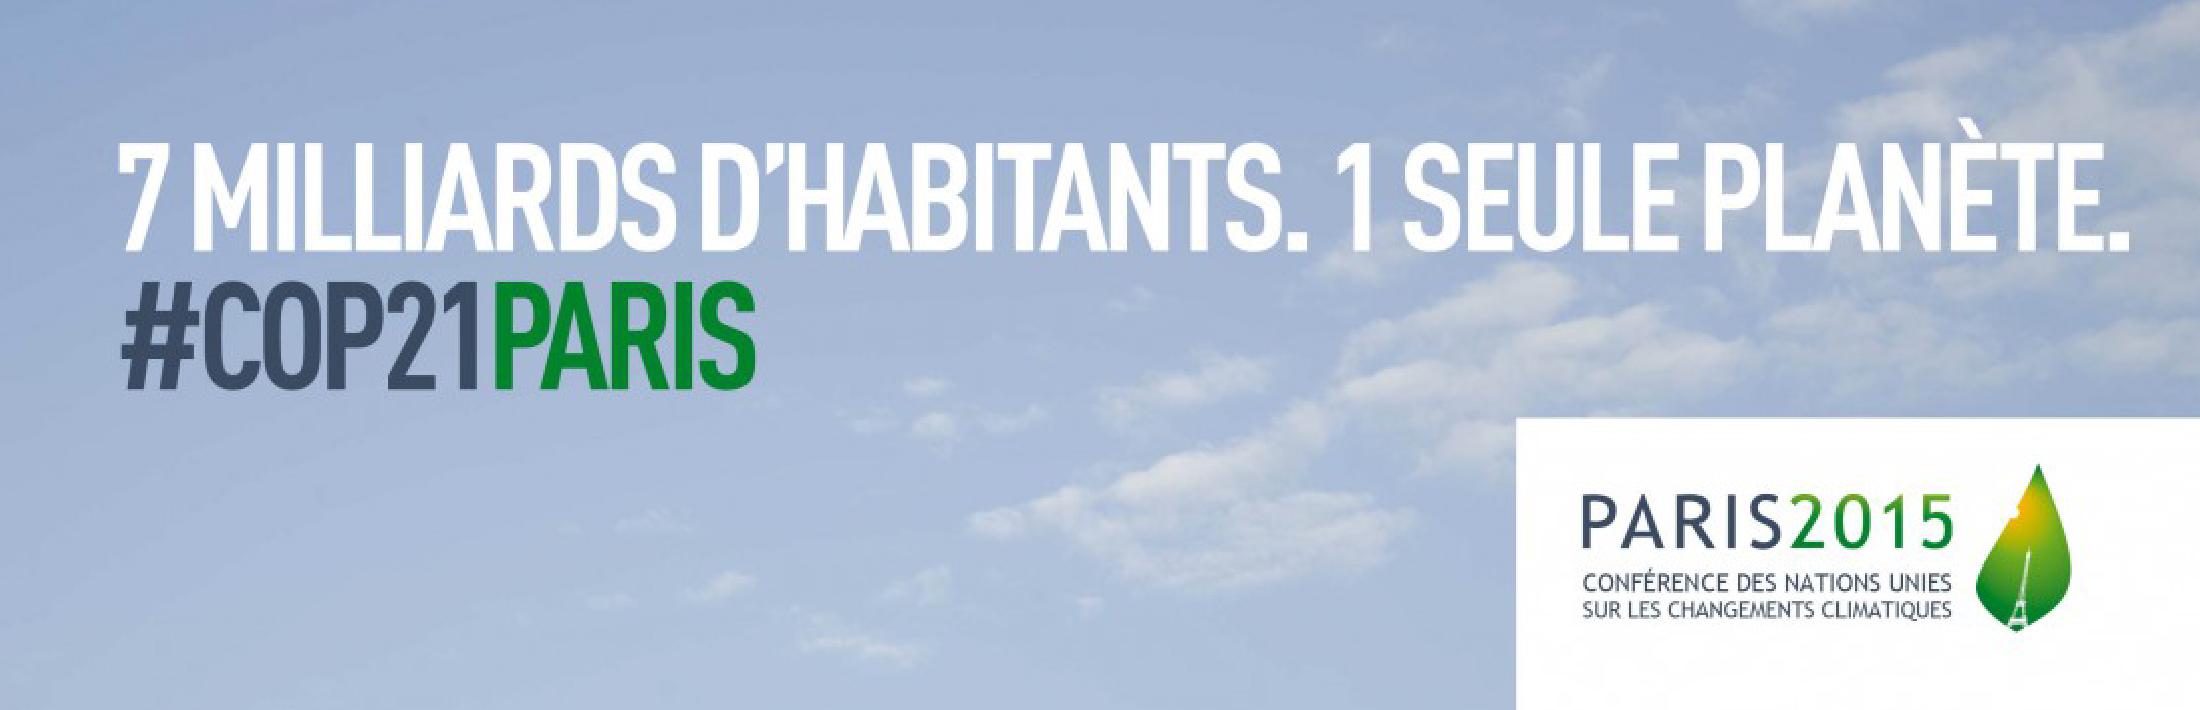 Affiche officielle COP21